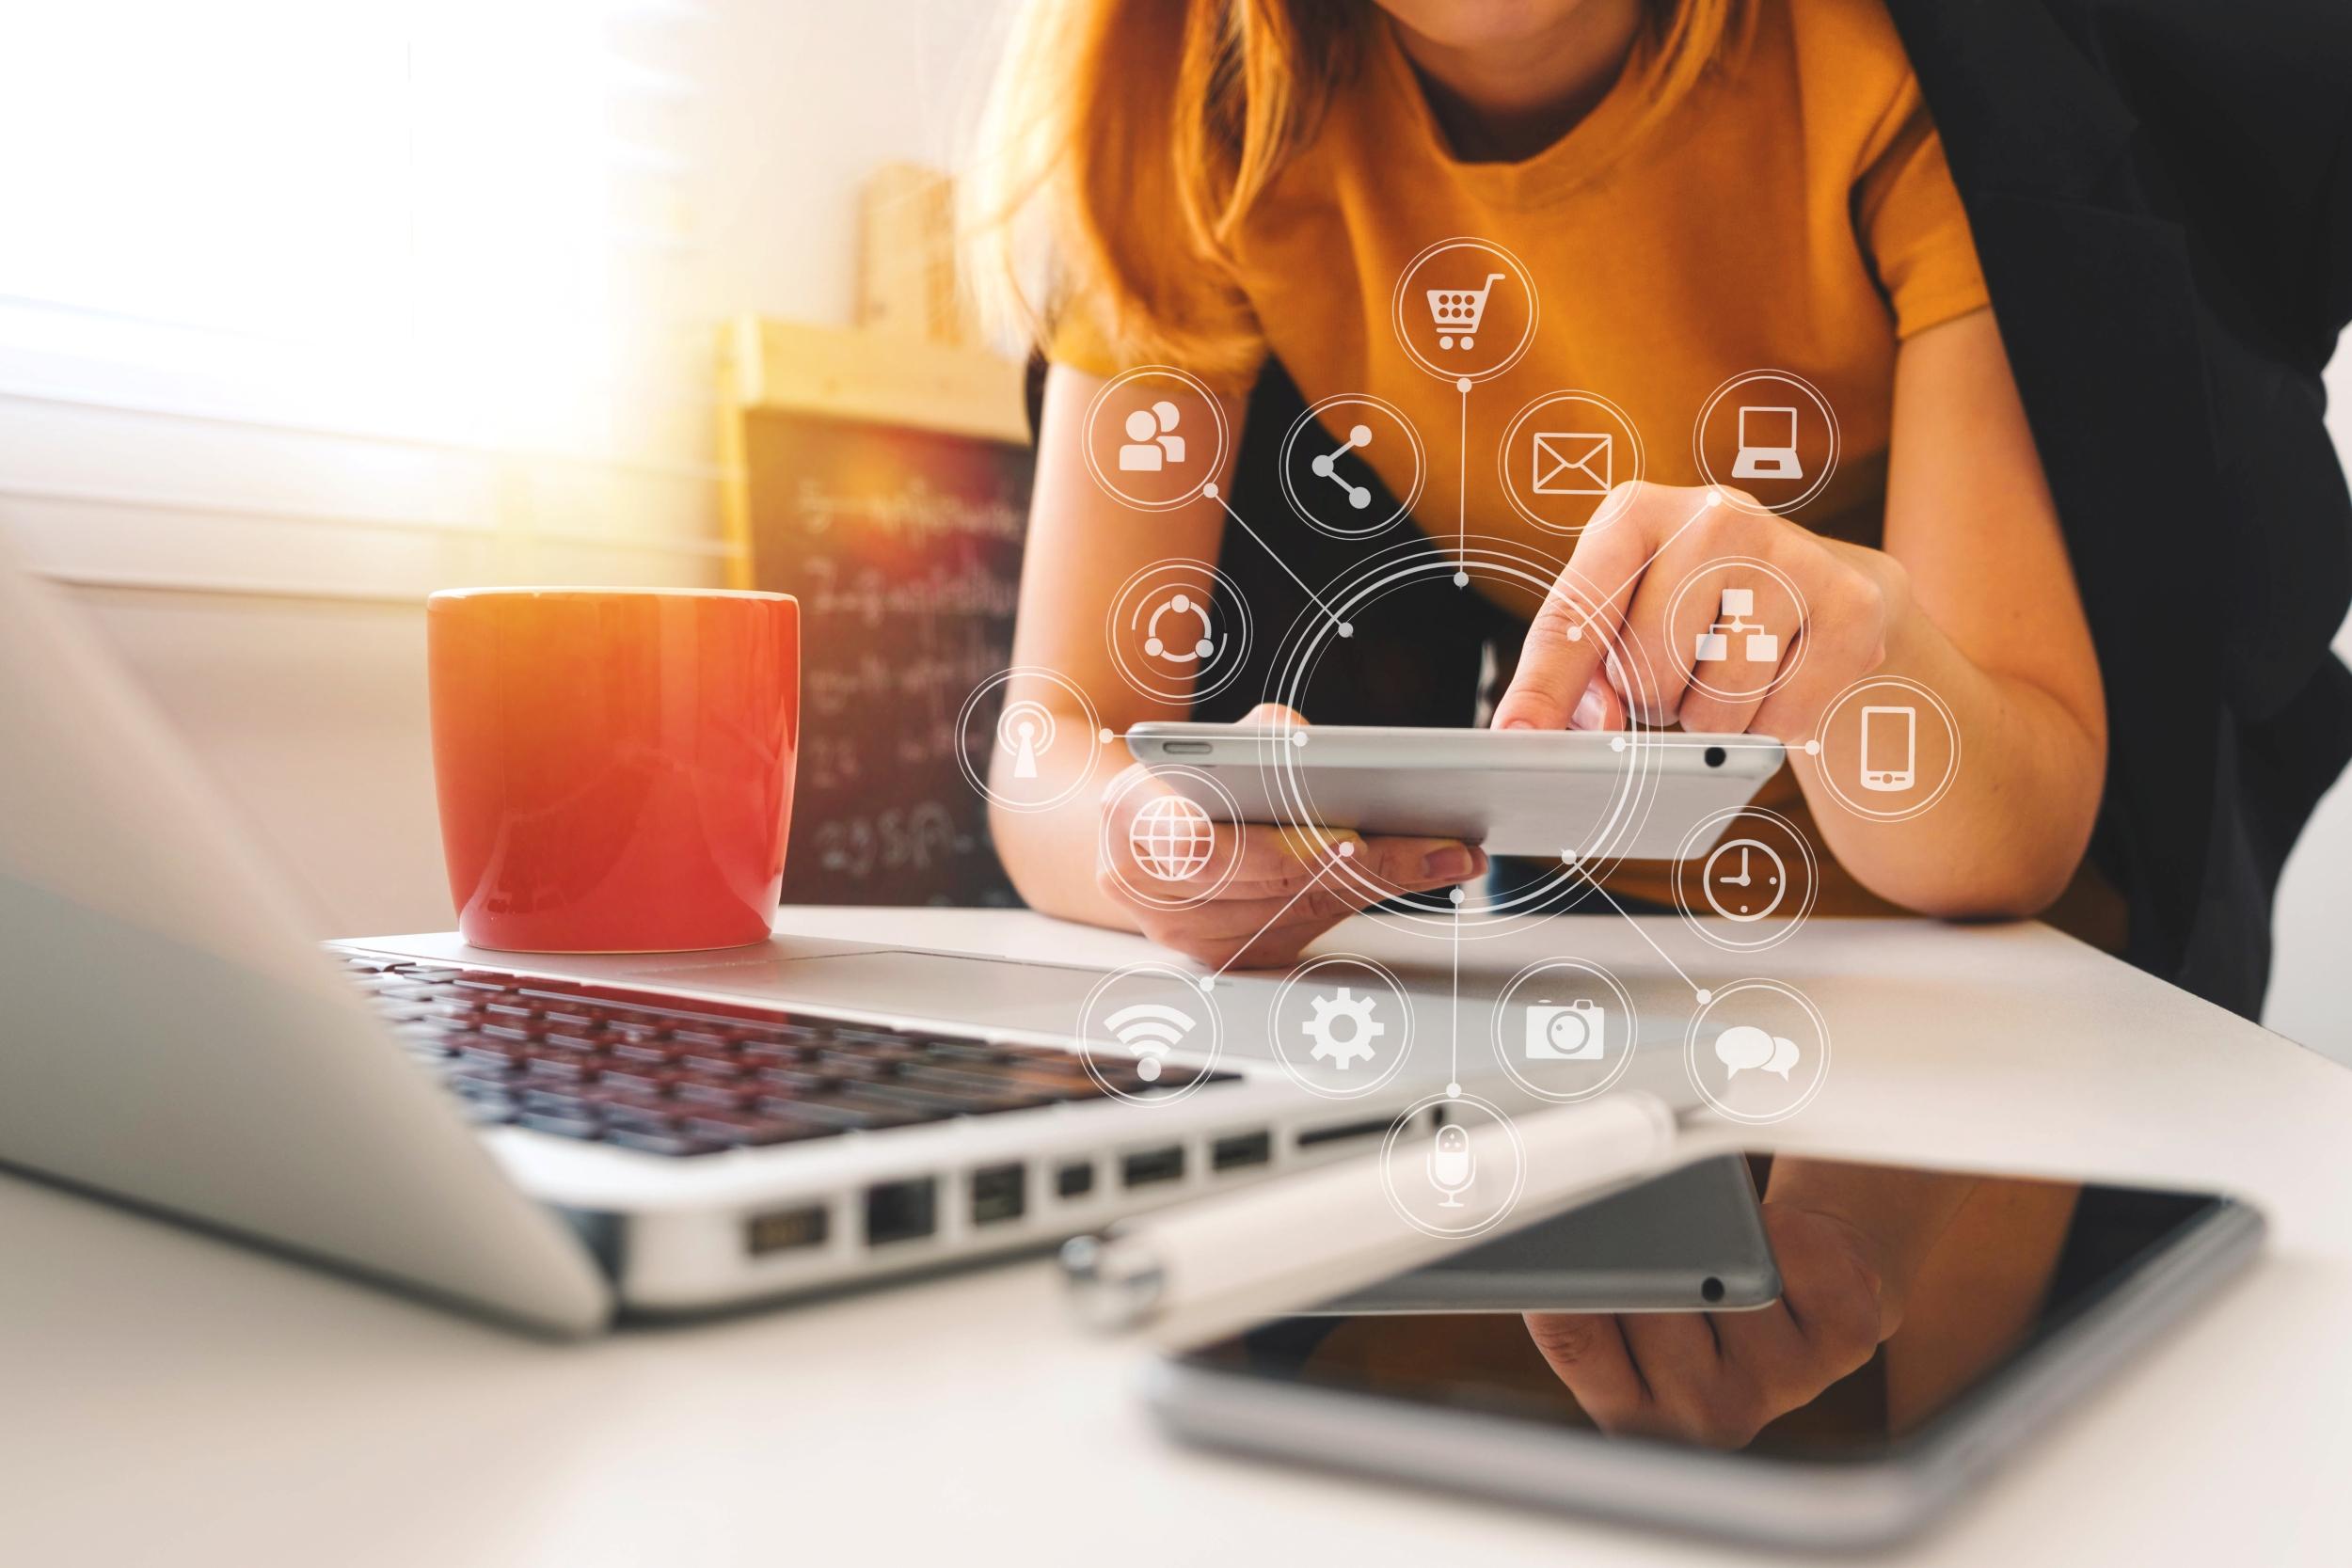 An entrepreneur works on her omnichannel order management system